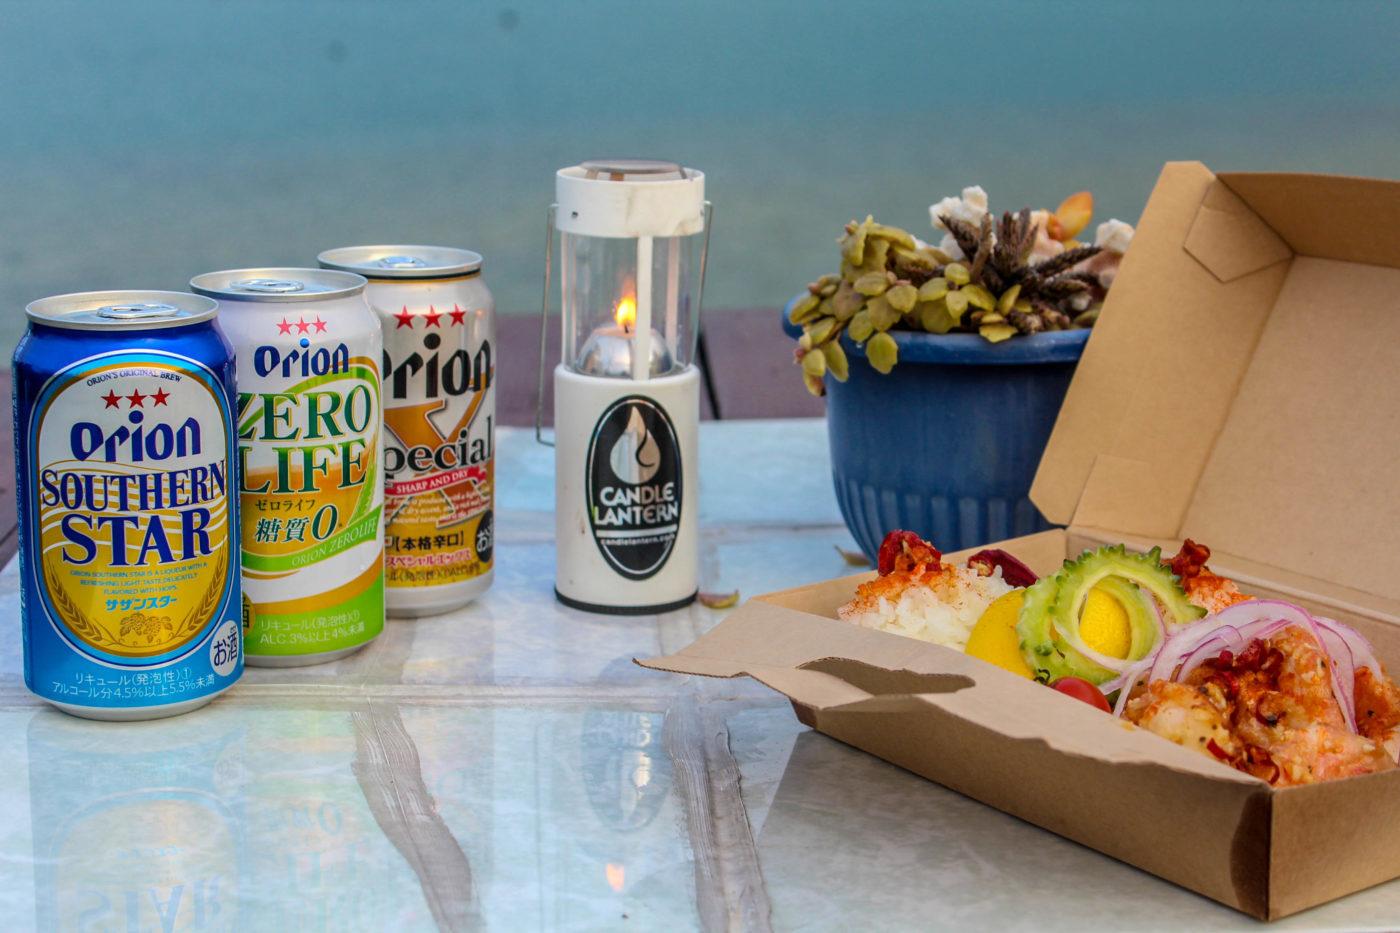 地元のスーパーでオリオンビールを買って、海を眺めながら古宇利島のガーリックシュリンプを食べる幸せ